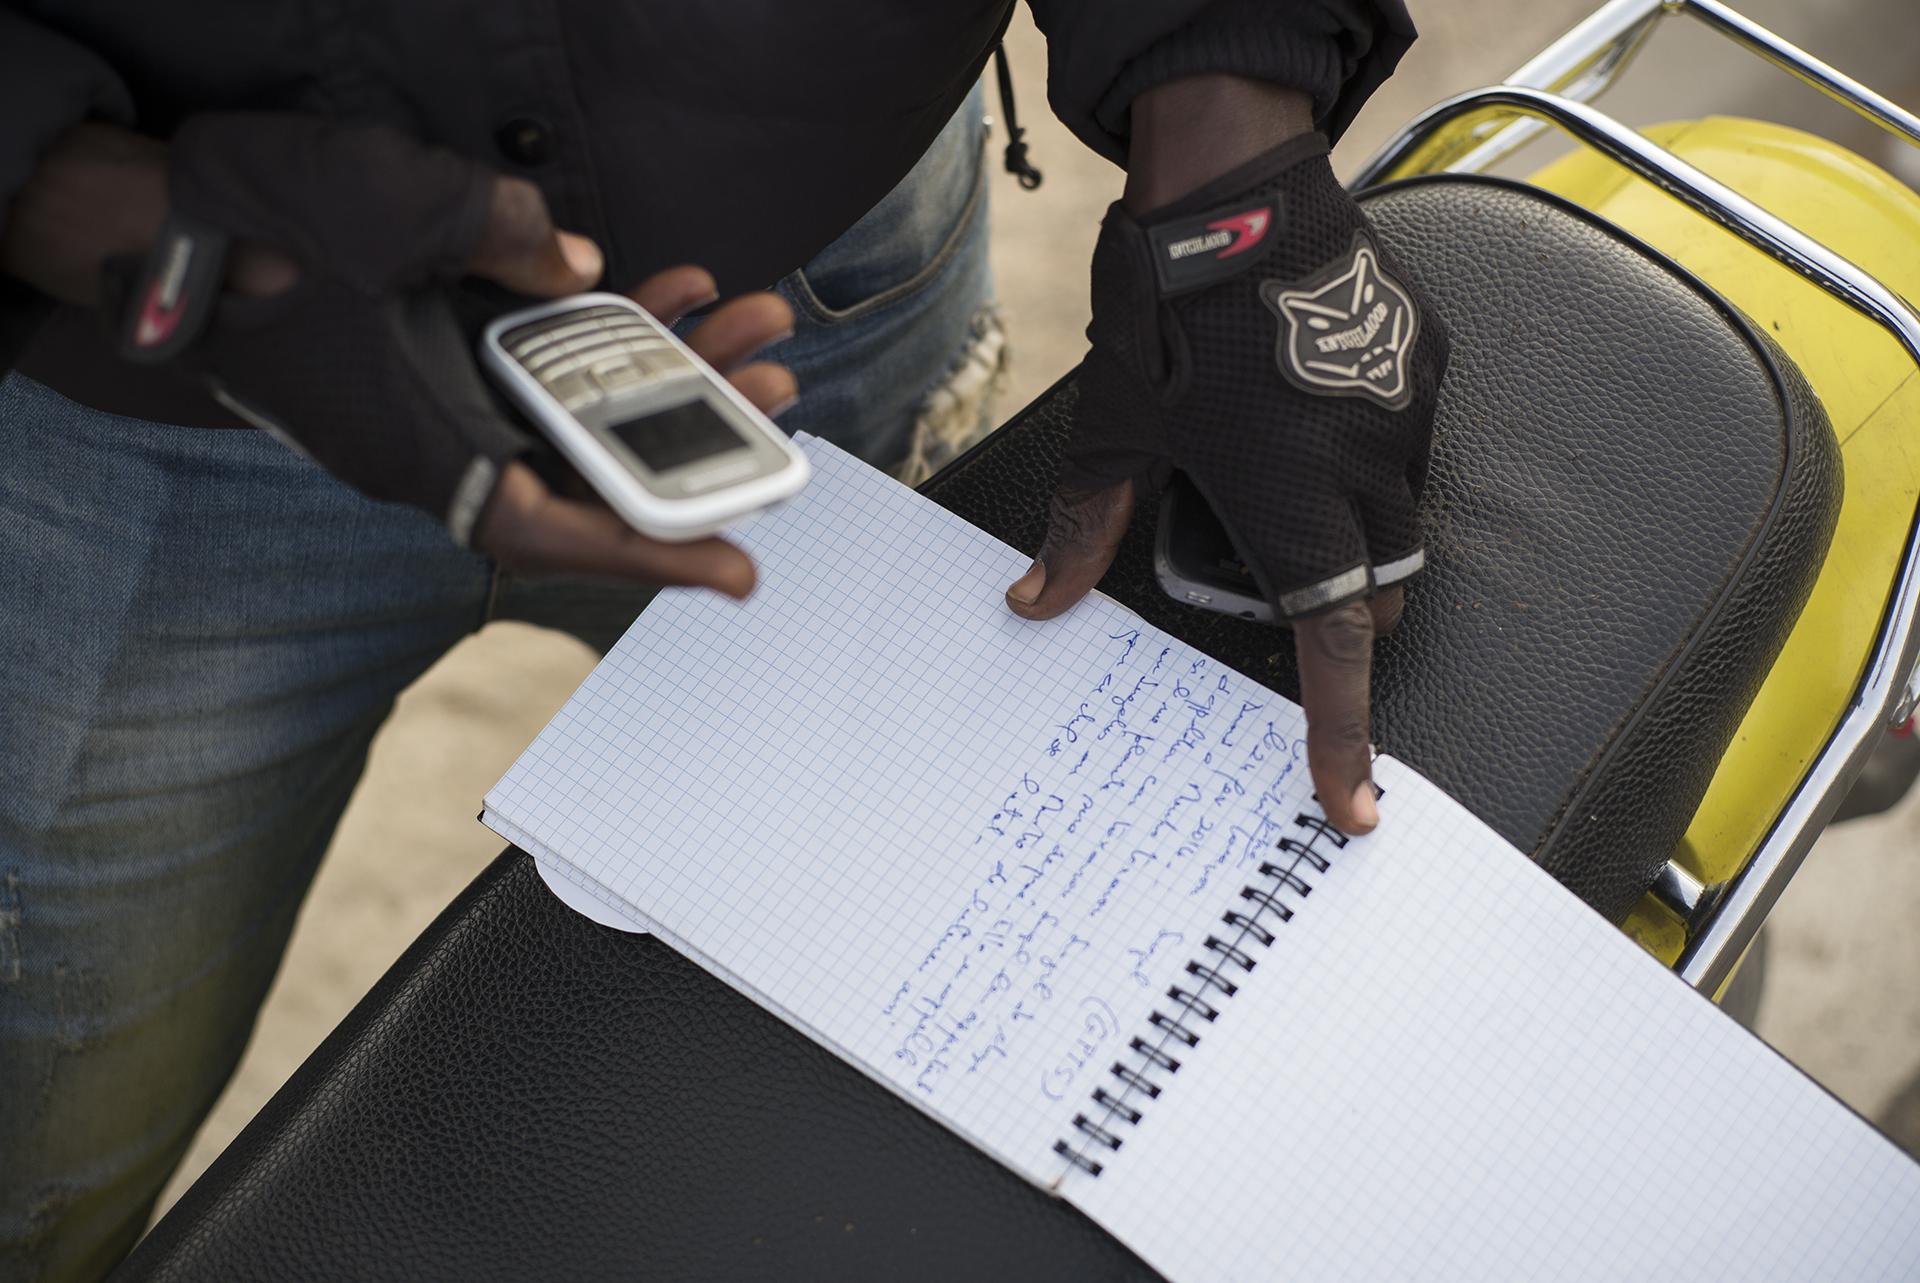 Circulation routière à Dakar, Sénégal. Mai 2017Abba, journaliste à la radio ZikFM, rapporte aux auditeurs l'état du trafic en temps réel pour que les automobilistes adaptent leur itinéraire en fonction de la circulation. ZikFM est l'une des deux radios les plus écoutées à Dakar